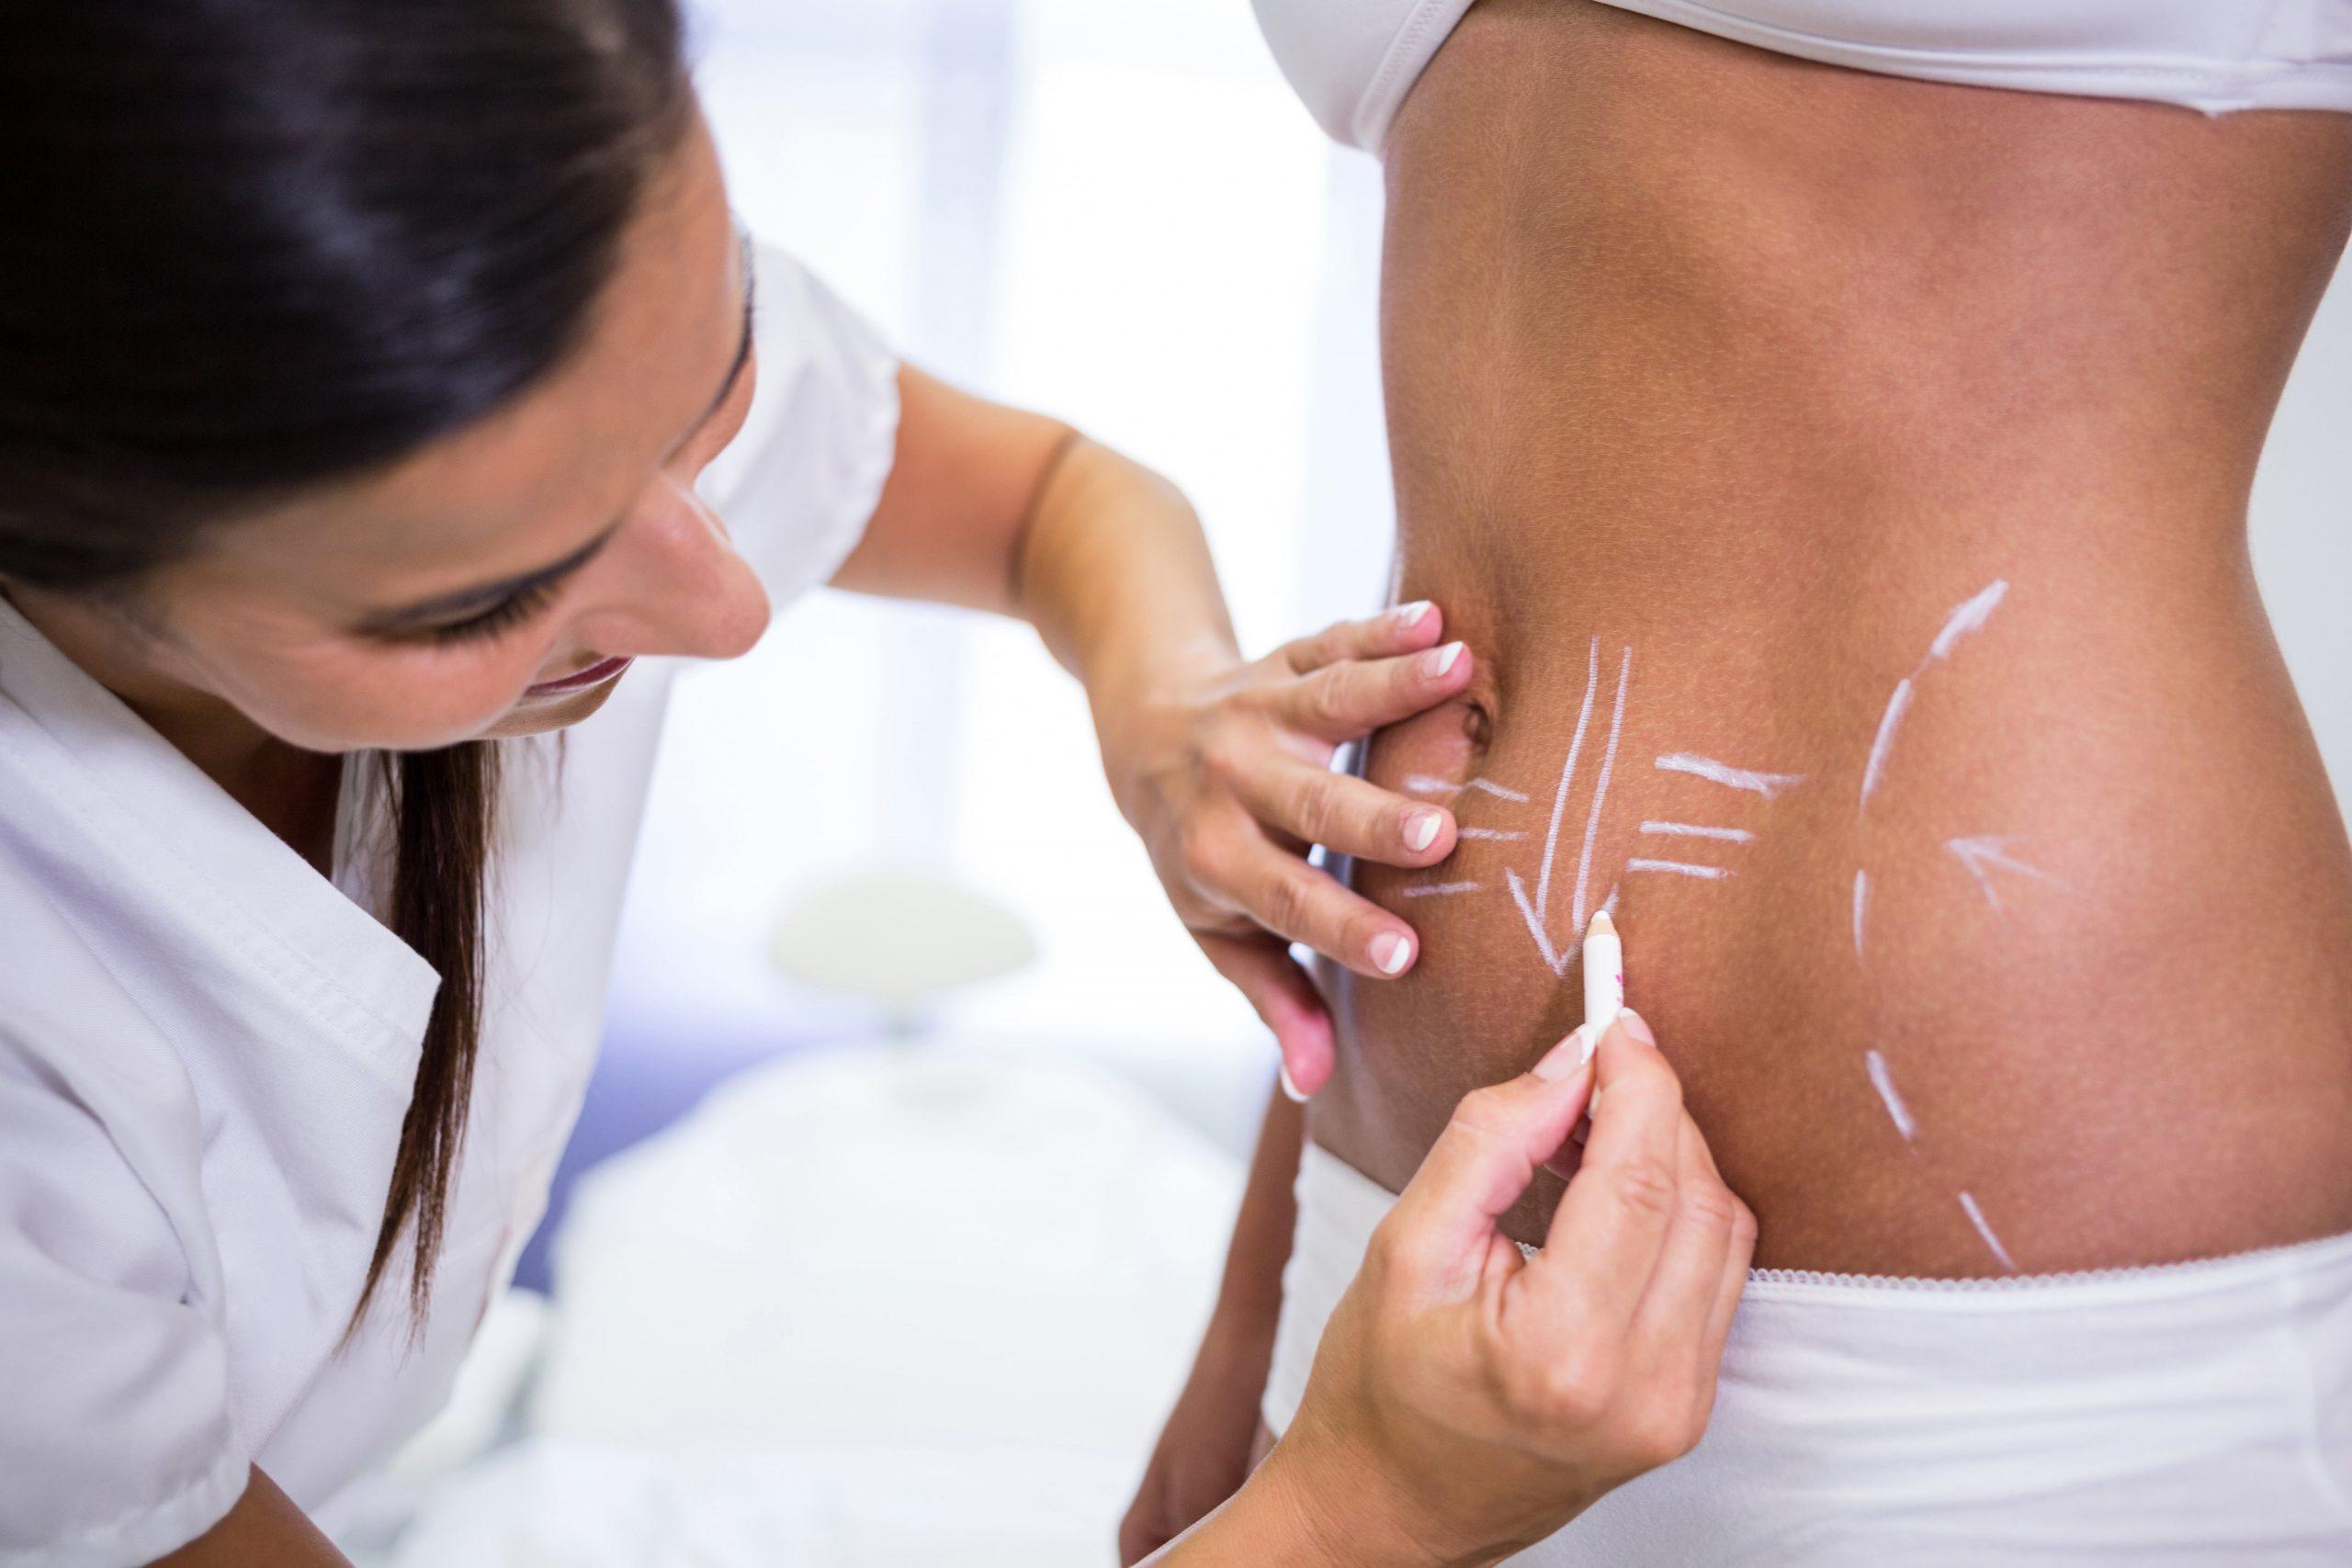 irregularidades en la piel tras una liposuccion-min